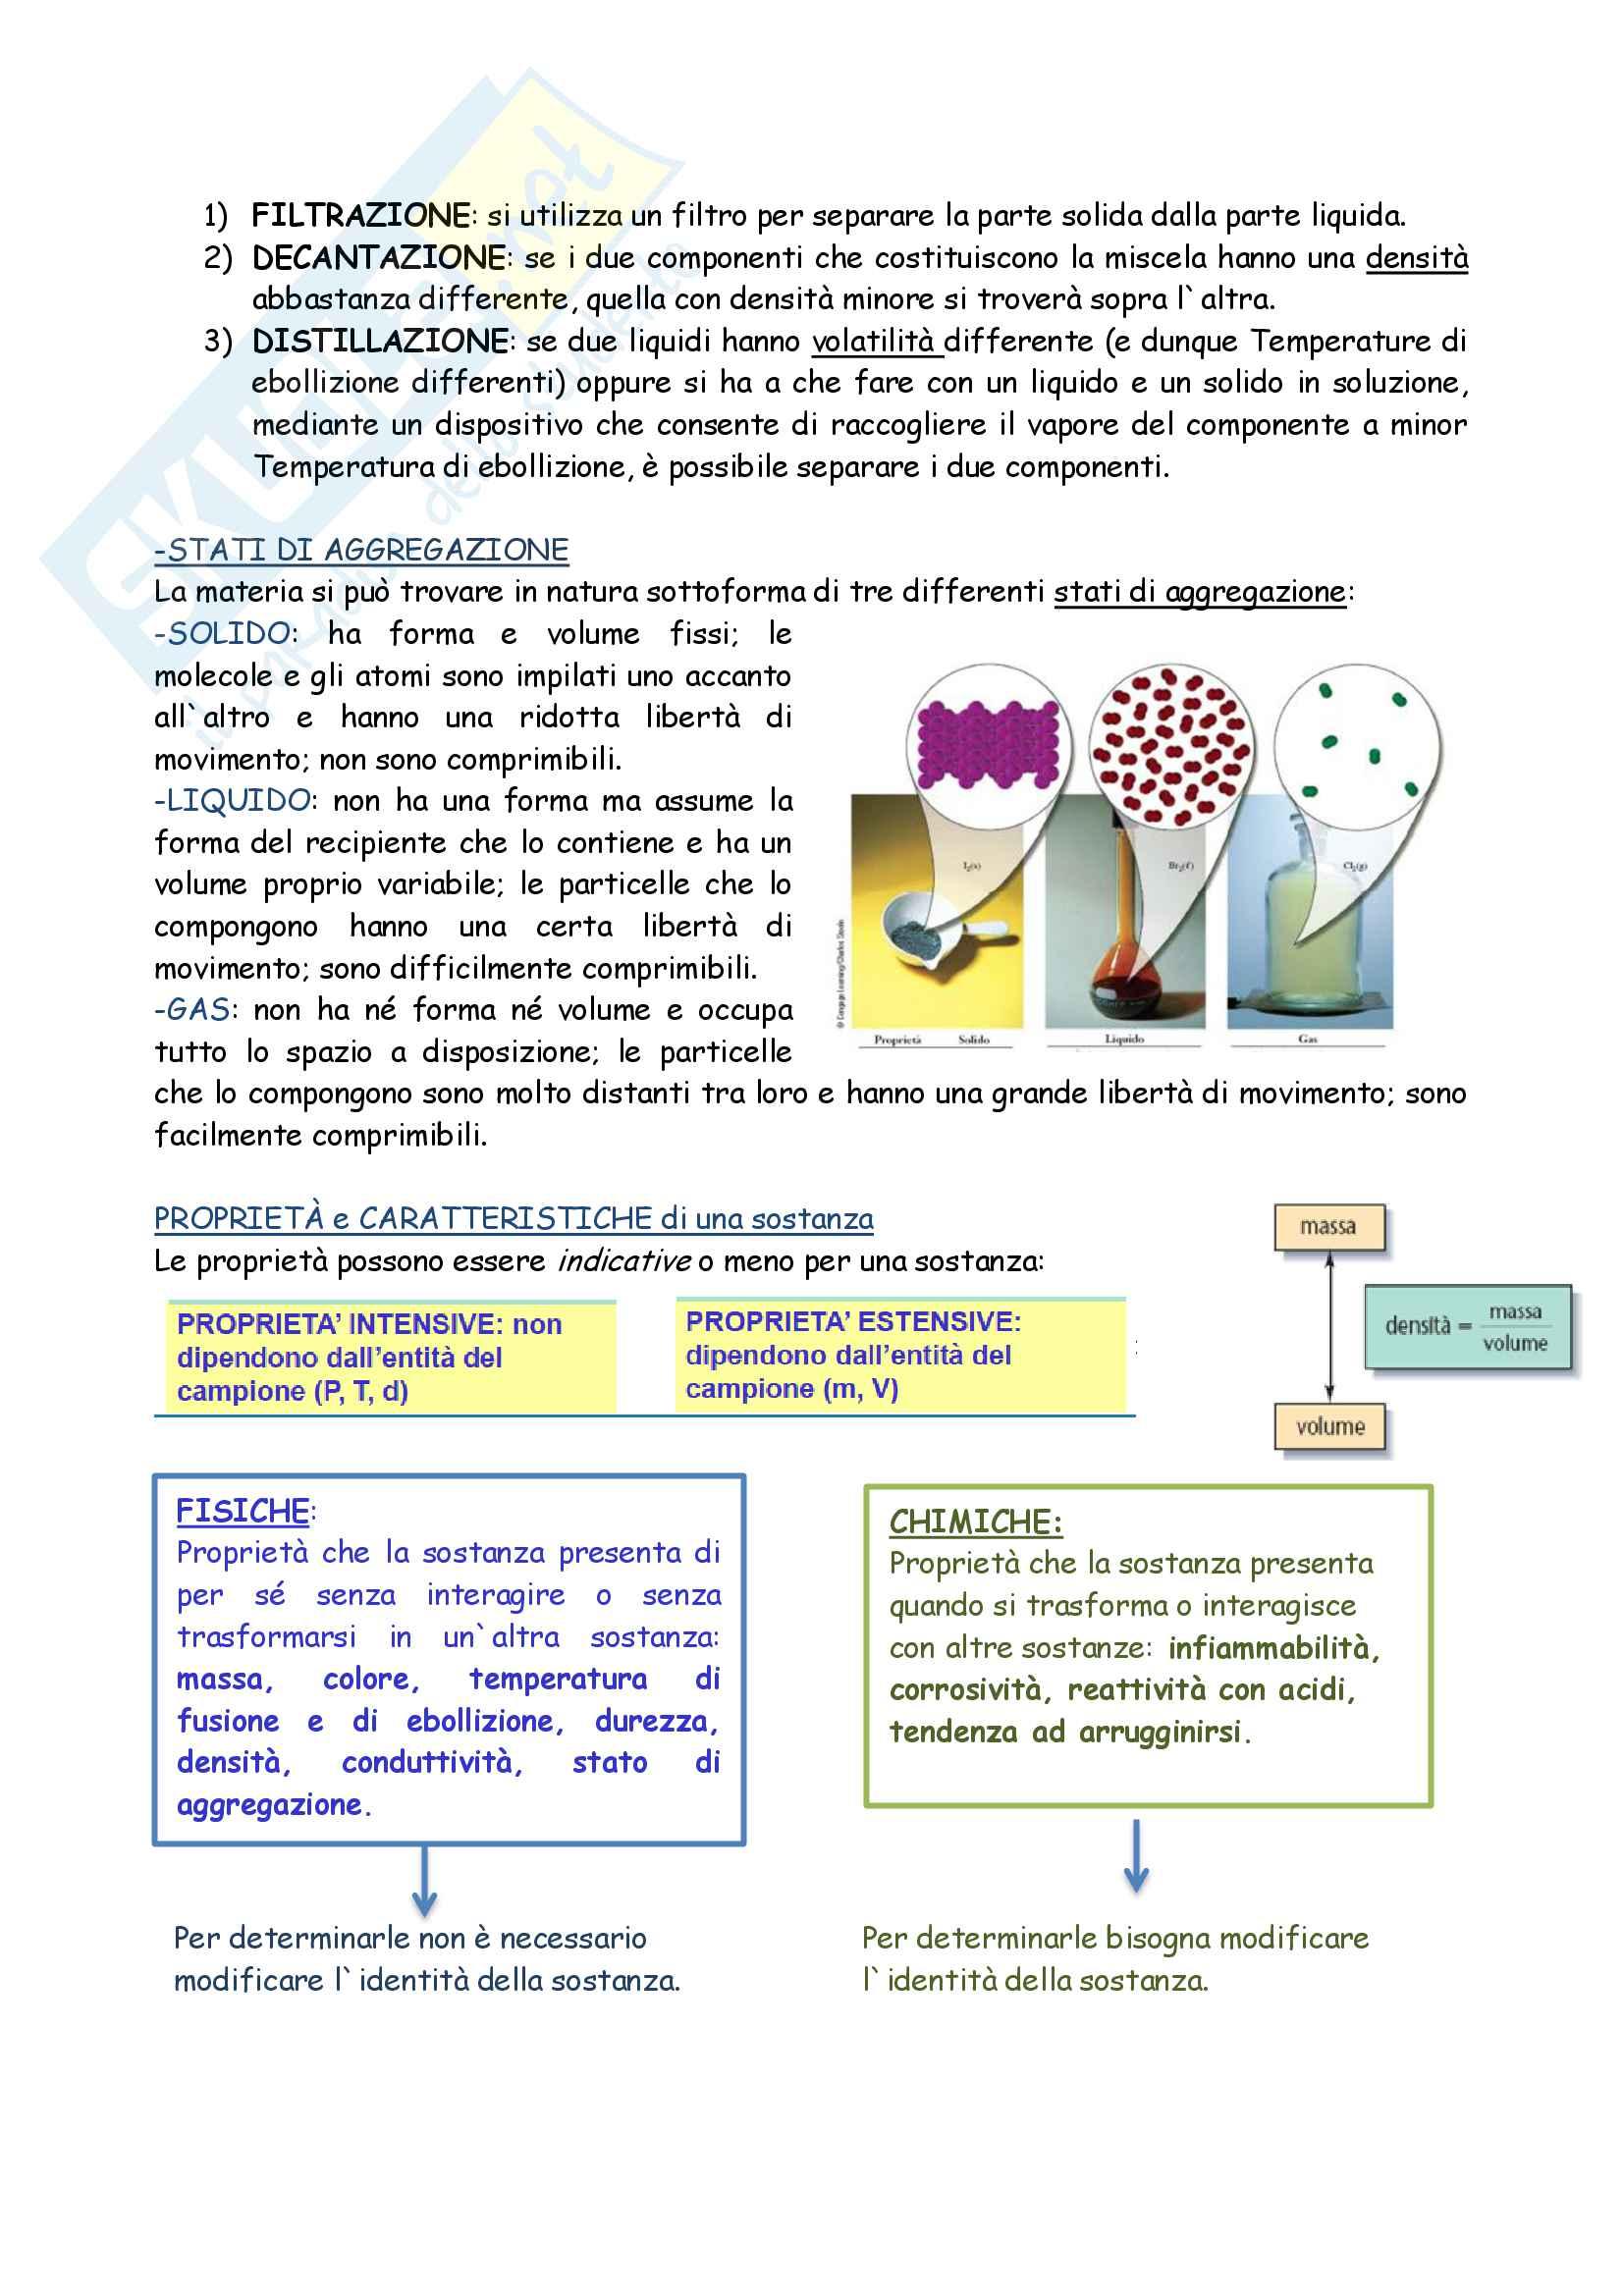 Riassunto esame Chimica generale e inorganica, prof. Francia, libro consigliato Fondamenti di chimica, Schiavello, Palmisano Pag. 2